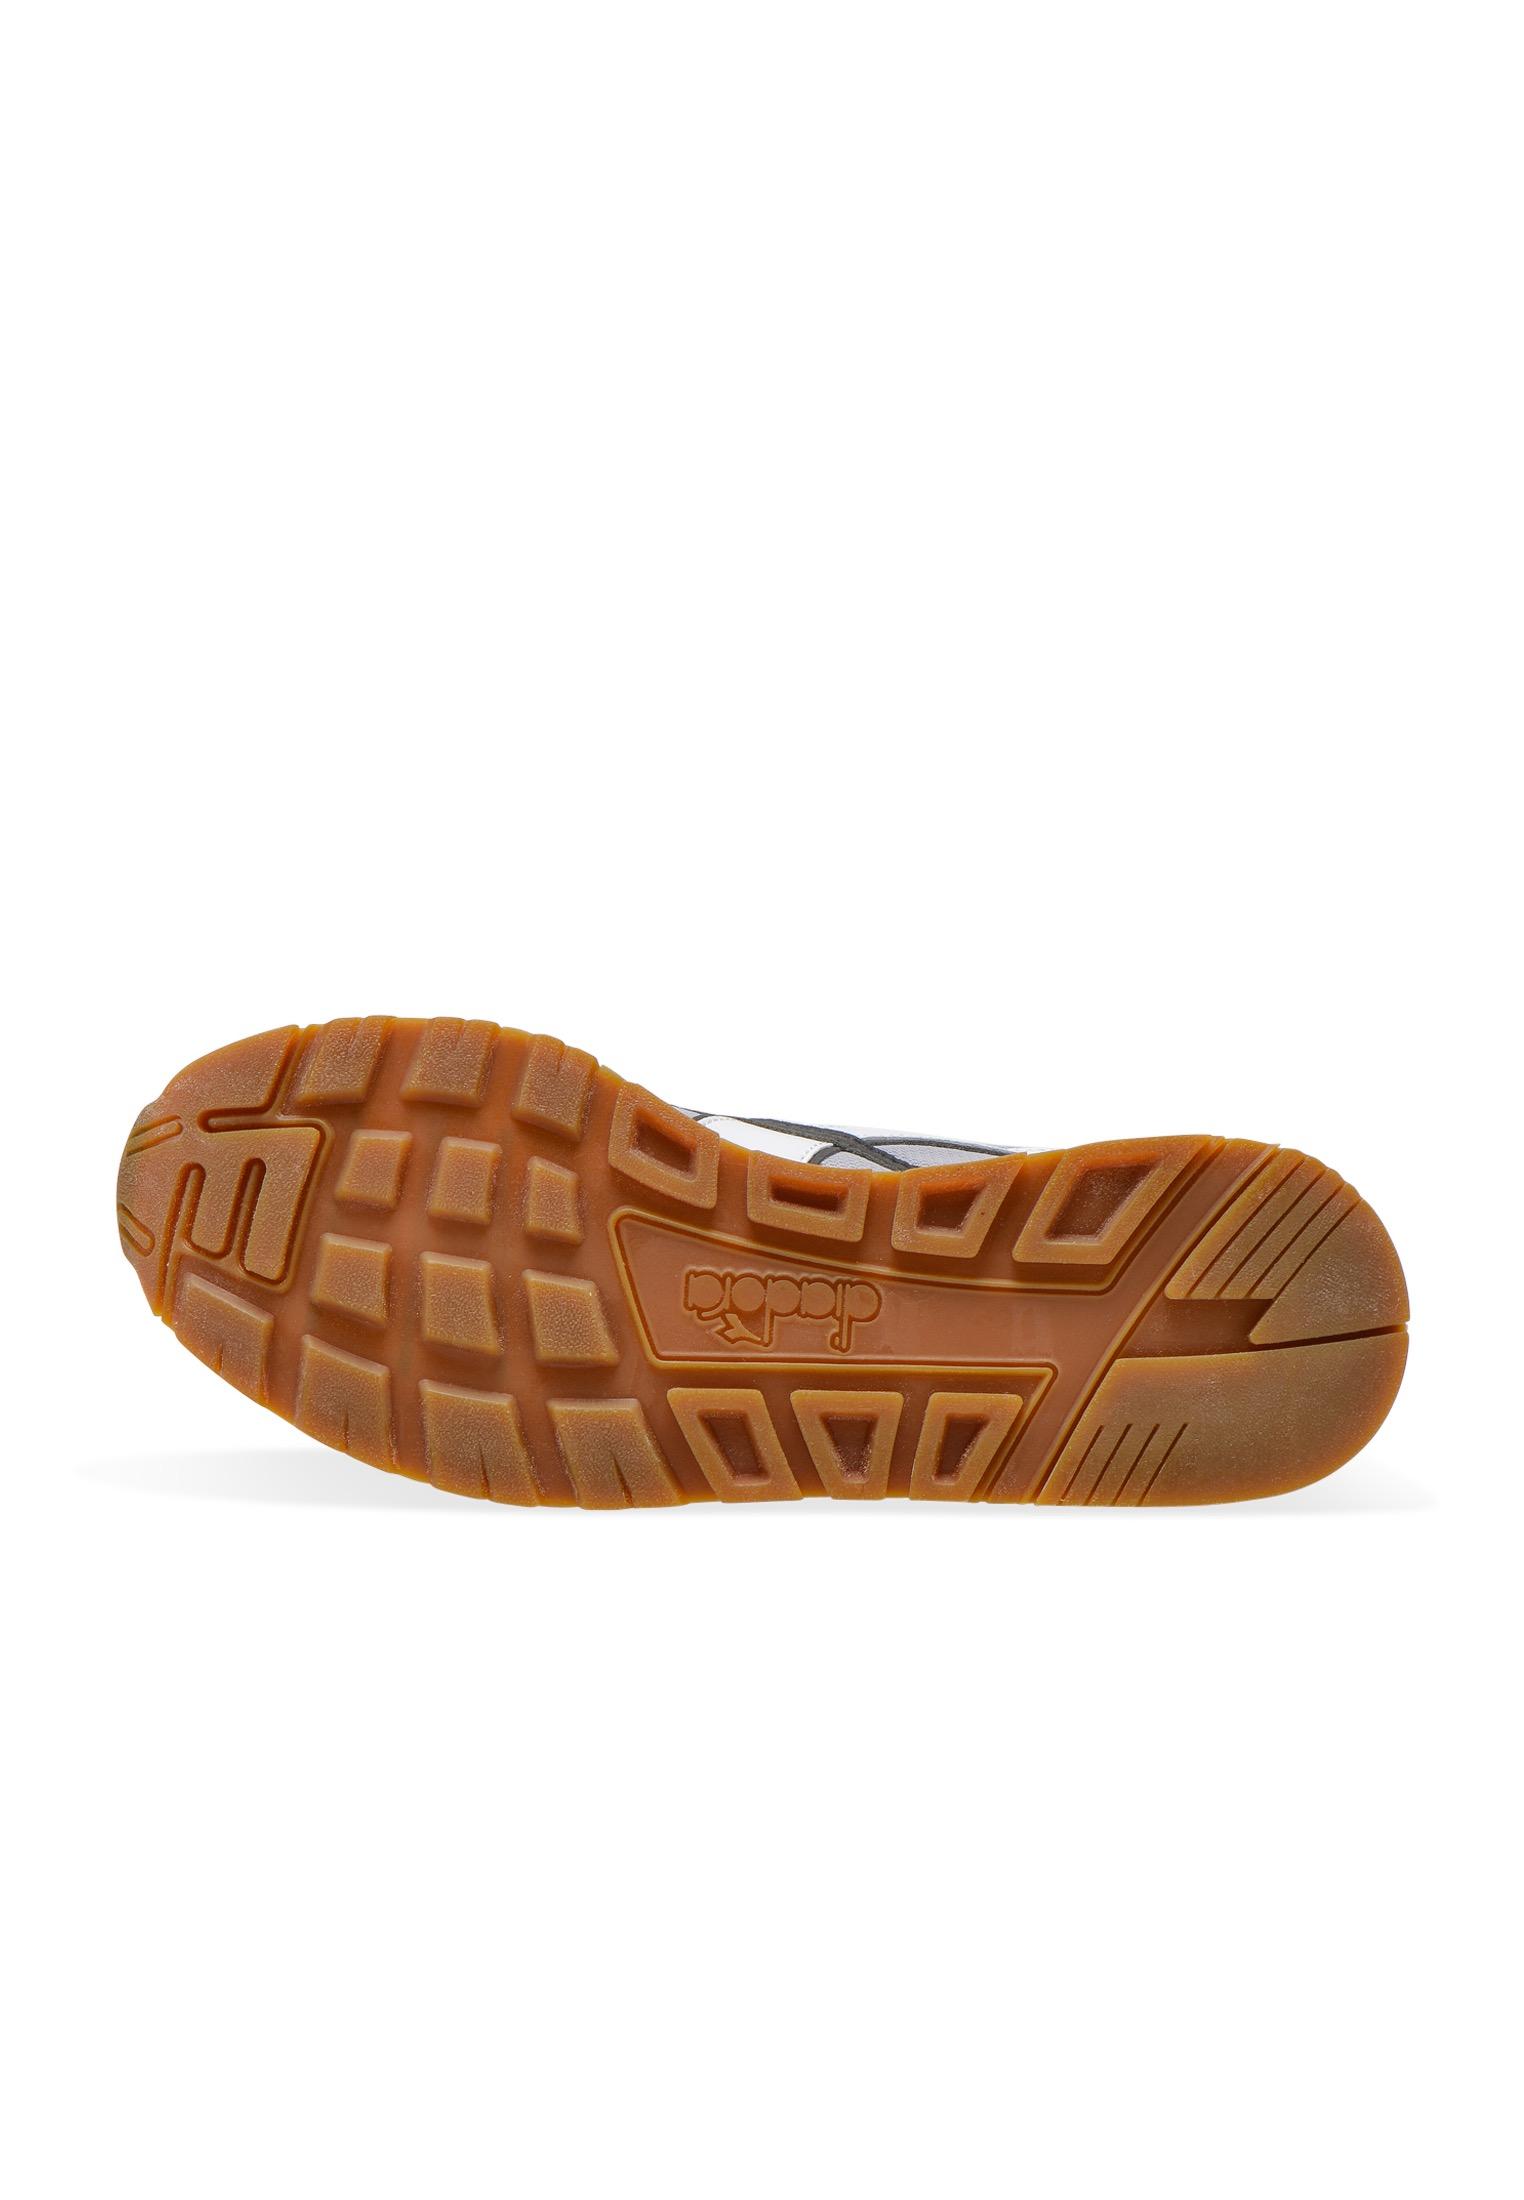 miniatura 46 - Diadora - Sneakers N.92 per uomo e donna